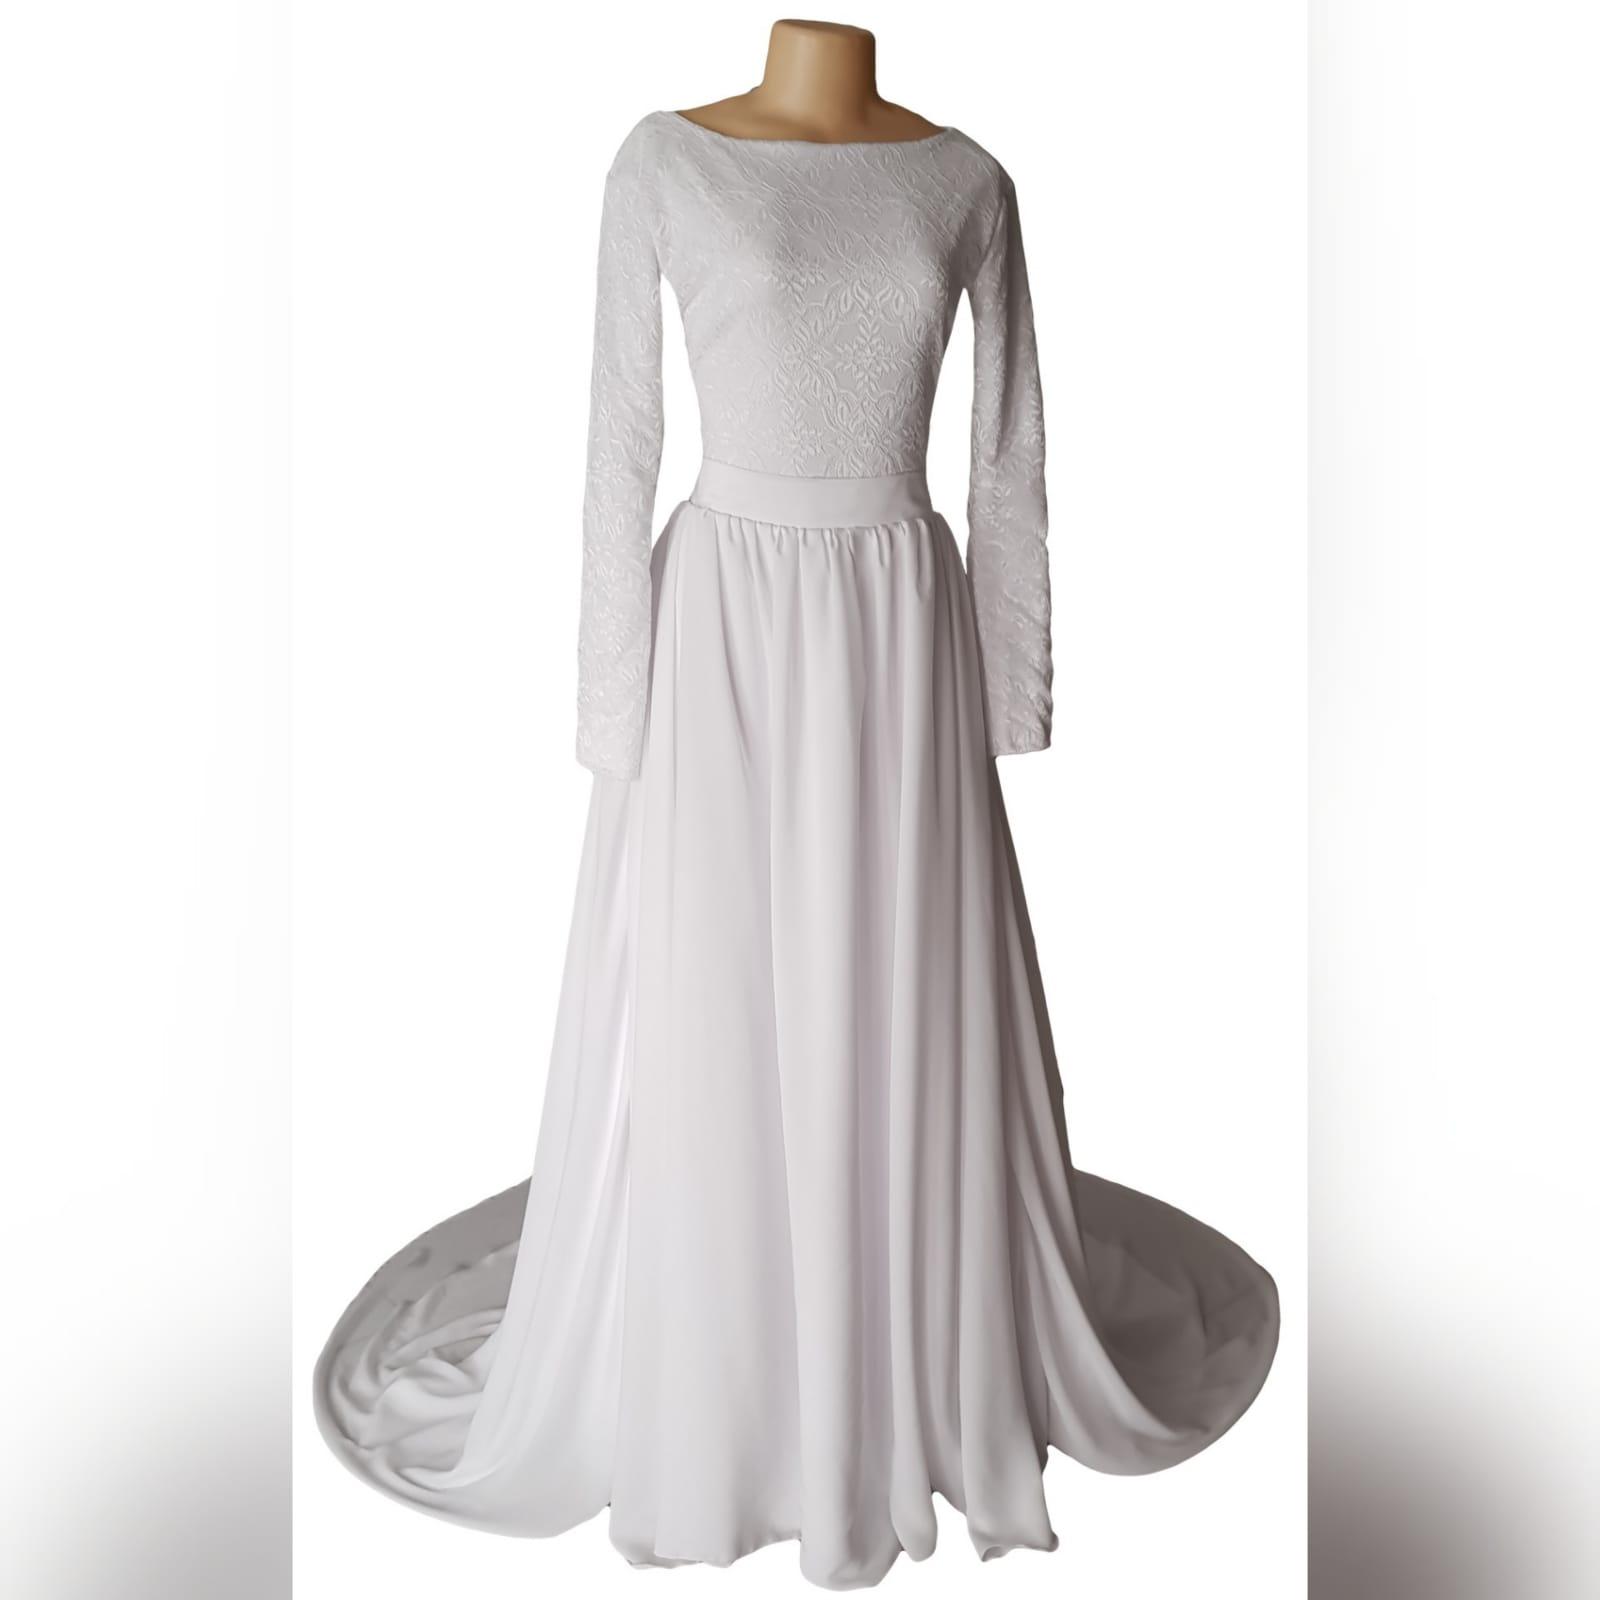 Vestido de noiva simples de 2 peças branco fluido 5 vestido de noiva simples de 2 peças branco fluido. Um corpete bodysuit de renda justo com mangas compridas e decote em jóia. Saia longa larga e fluida, com uma camada de chiffon e uma longa cauda.